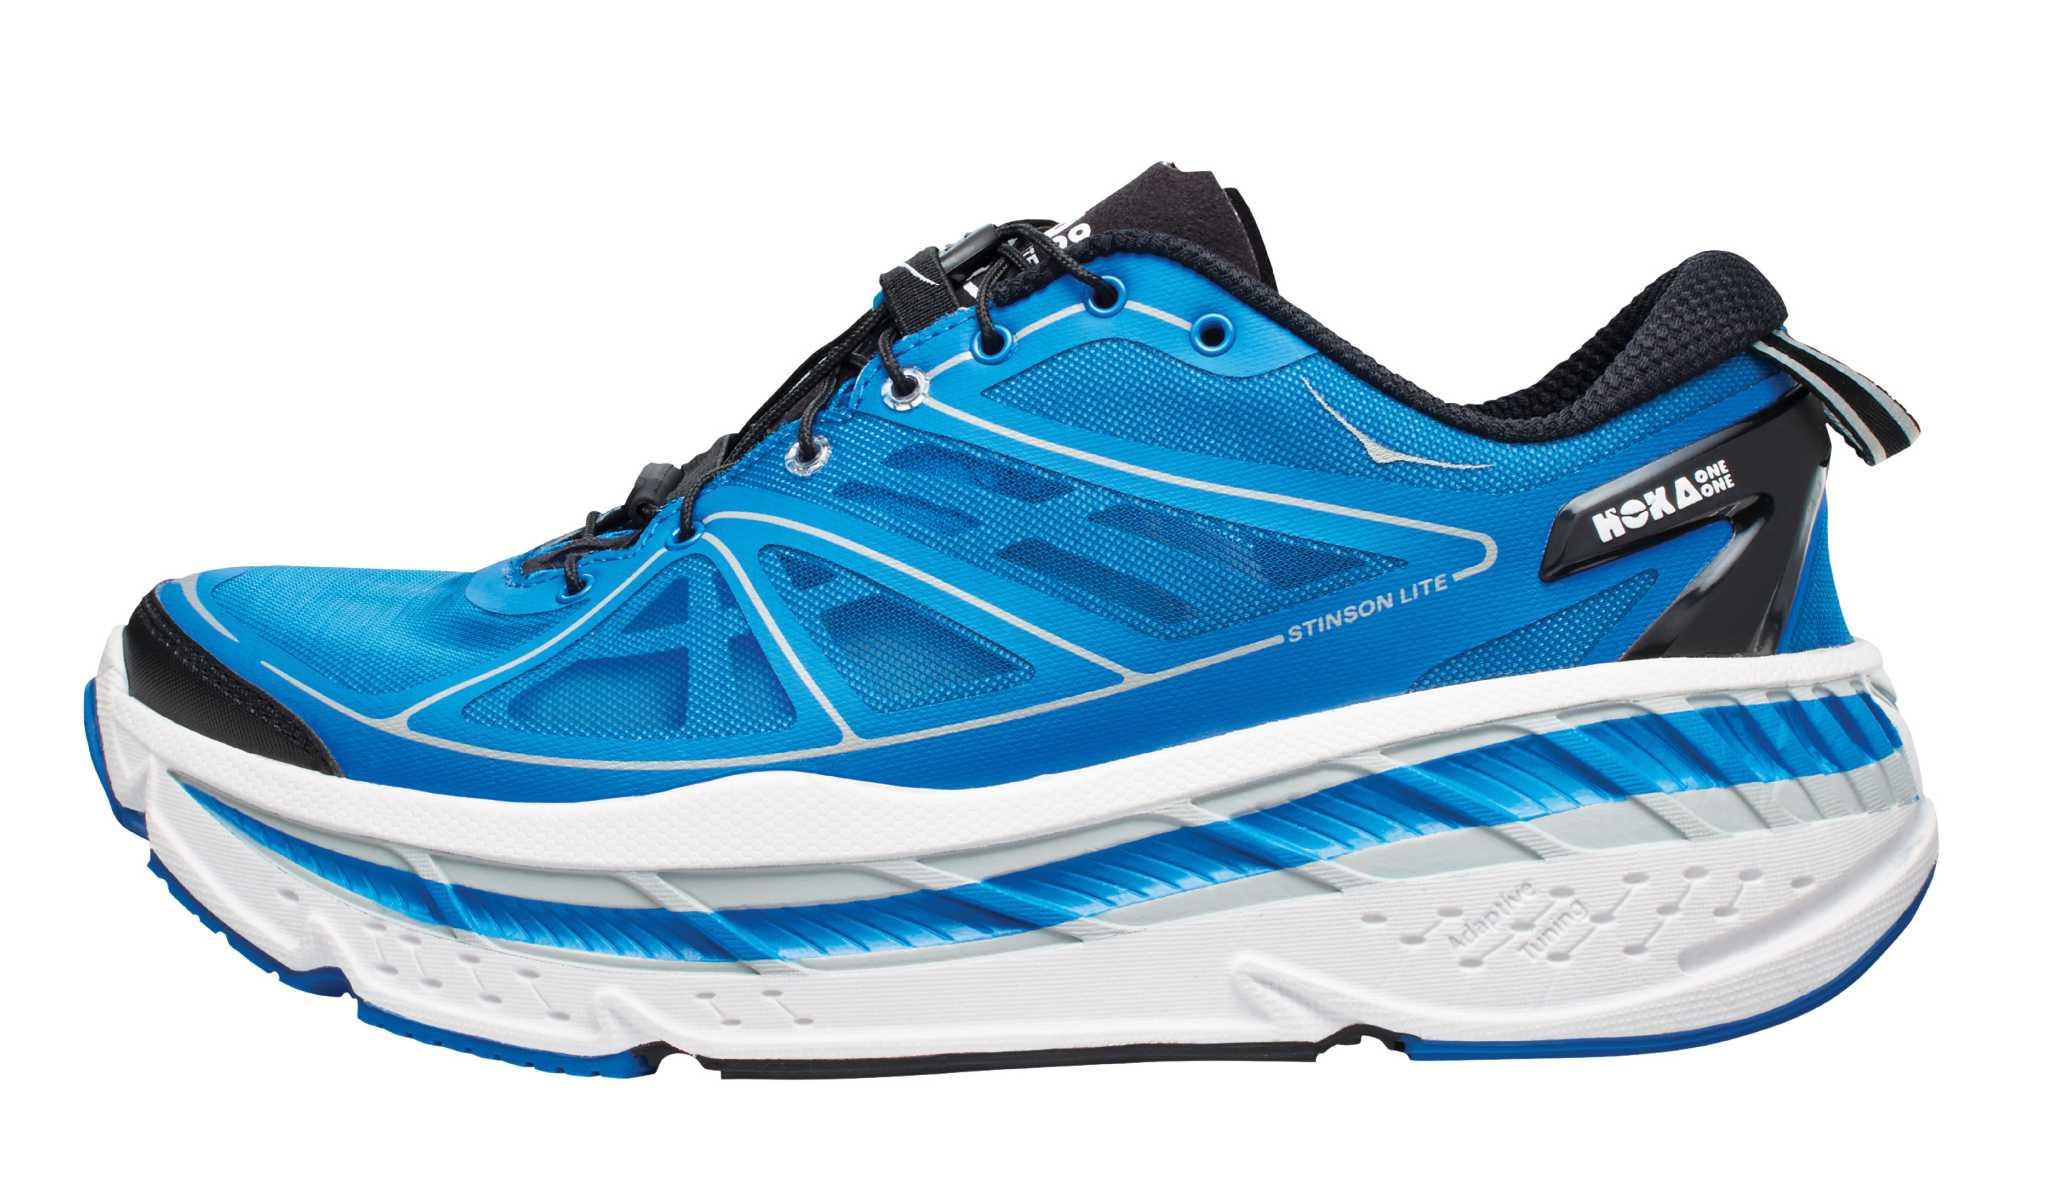 ultra-fat, super-cushioned running shoe